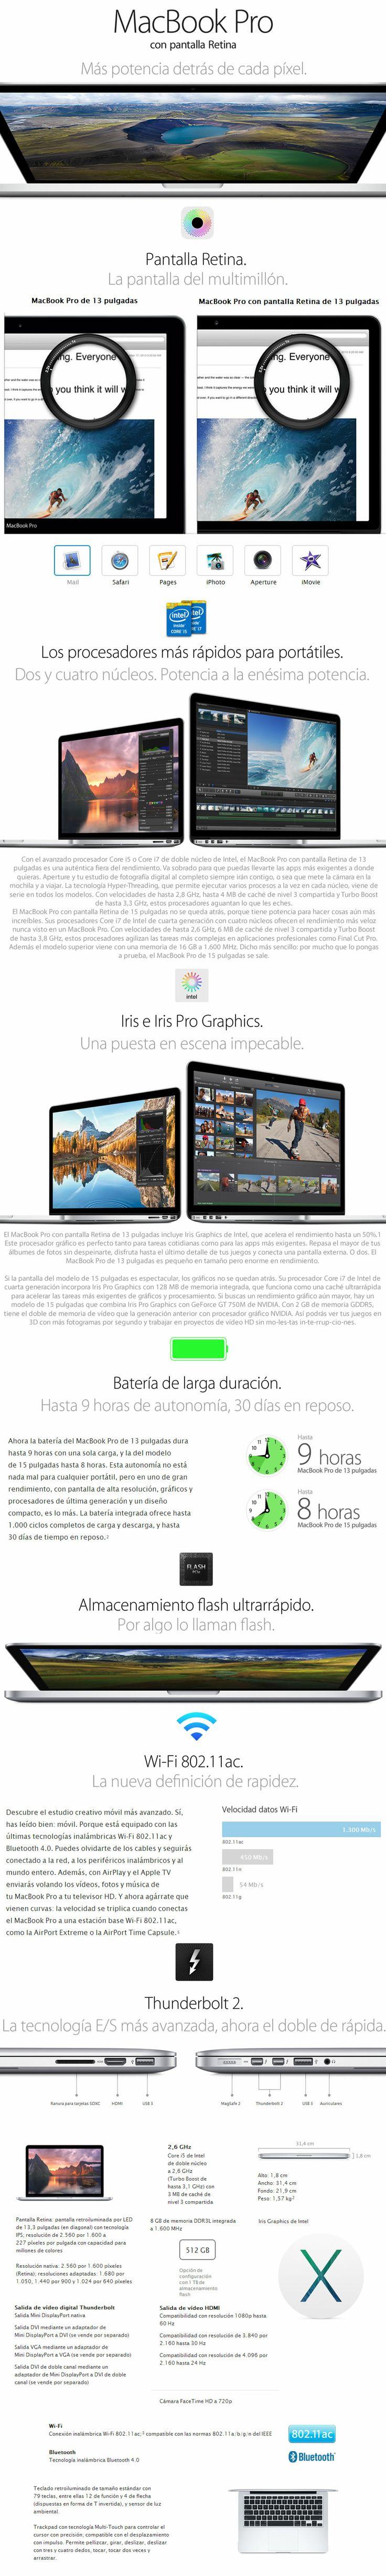 compra de apple macbook pro me866ll/a en argentina